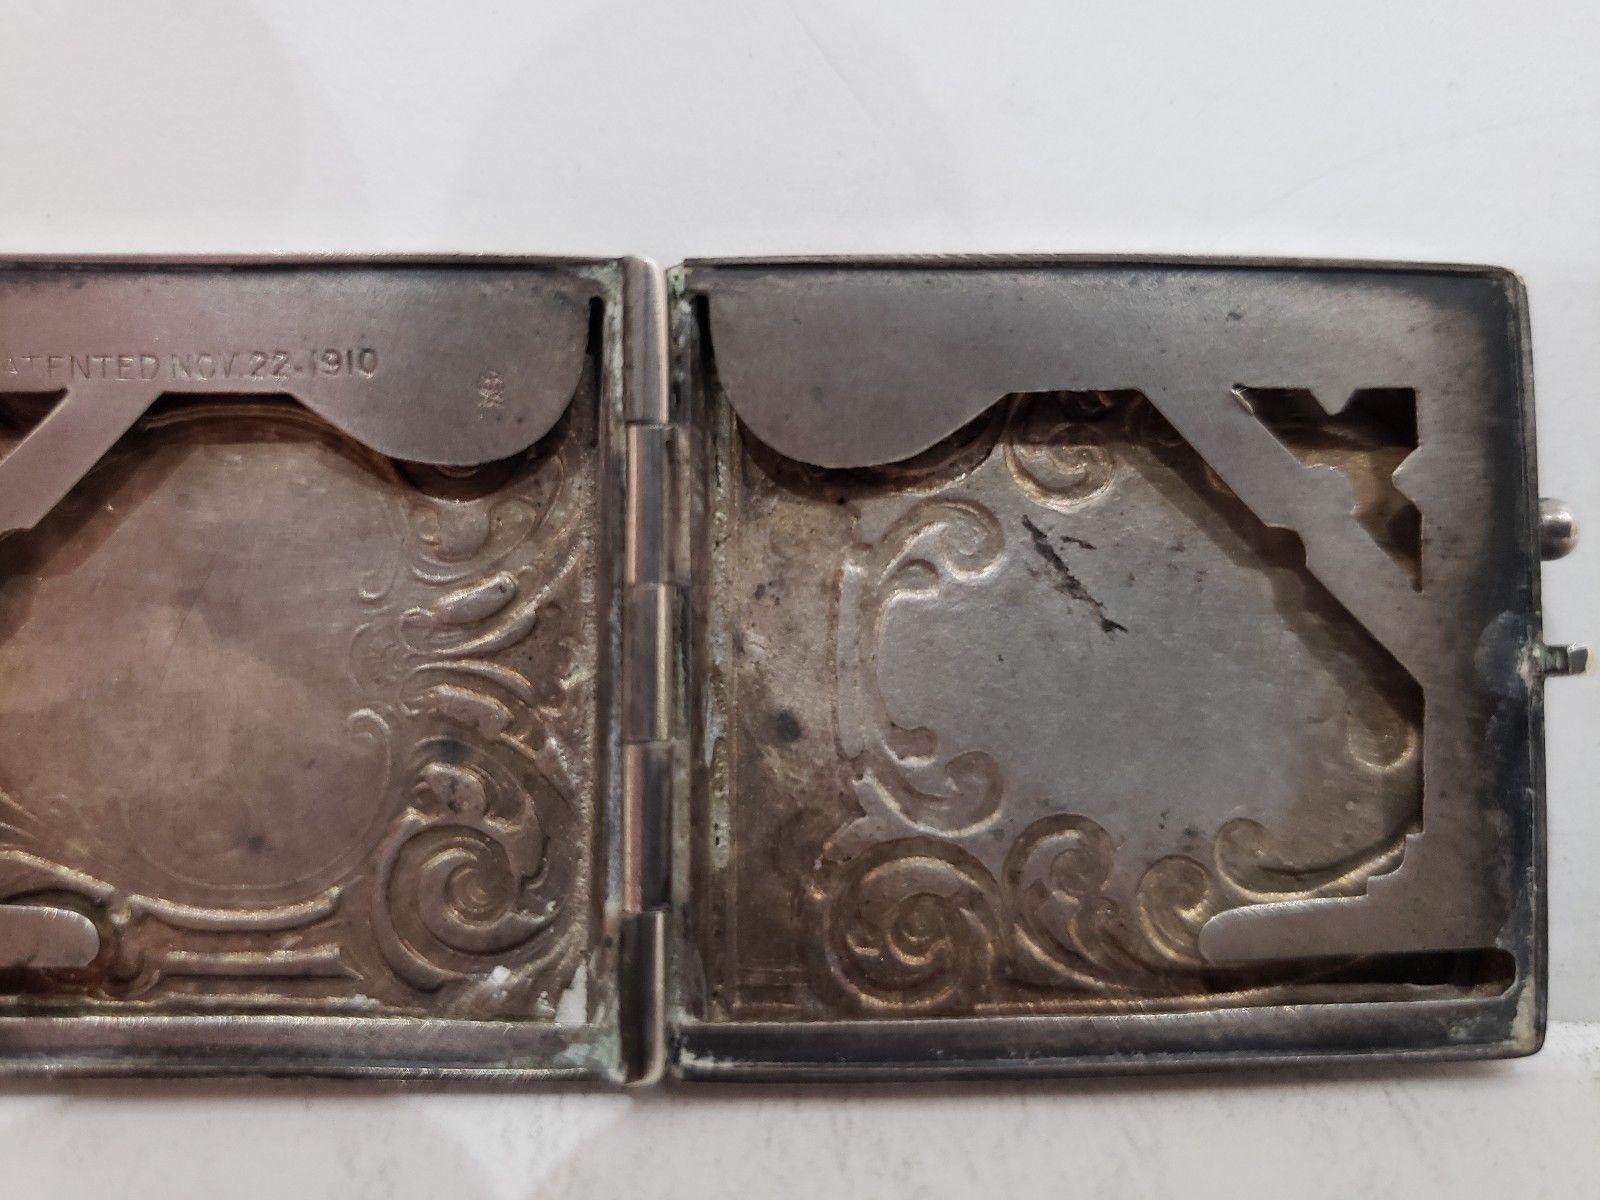 Antique Fraternal Elks BPOE Sterling Silver Card Case / Enameled Plague -1900's image 9